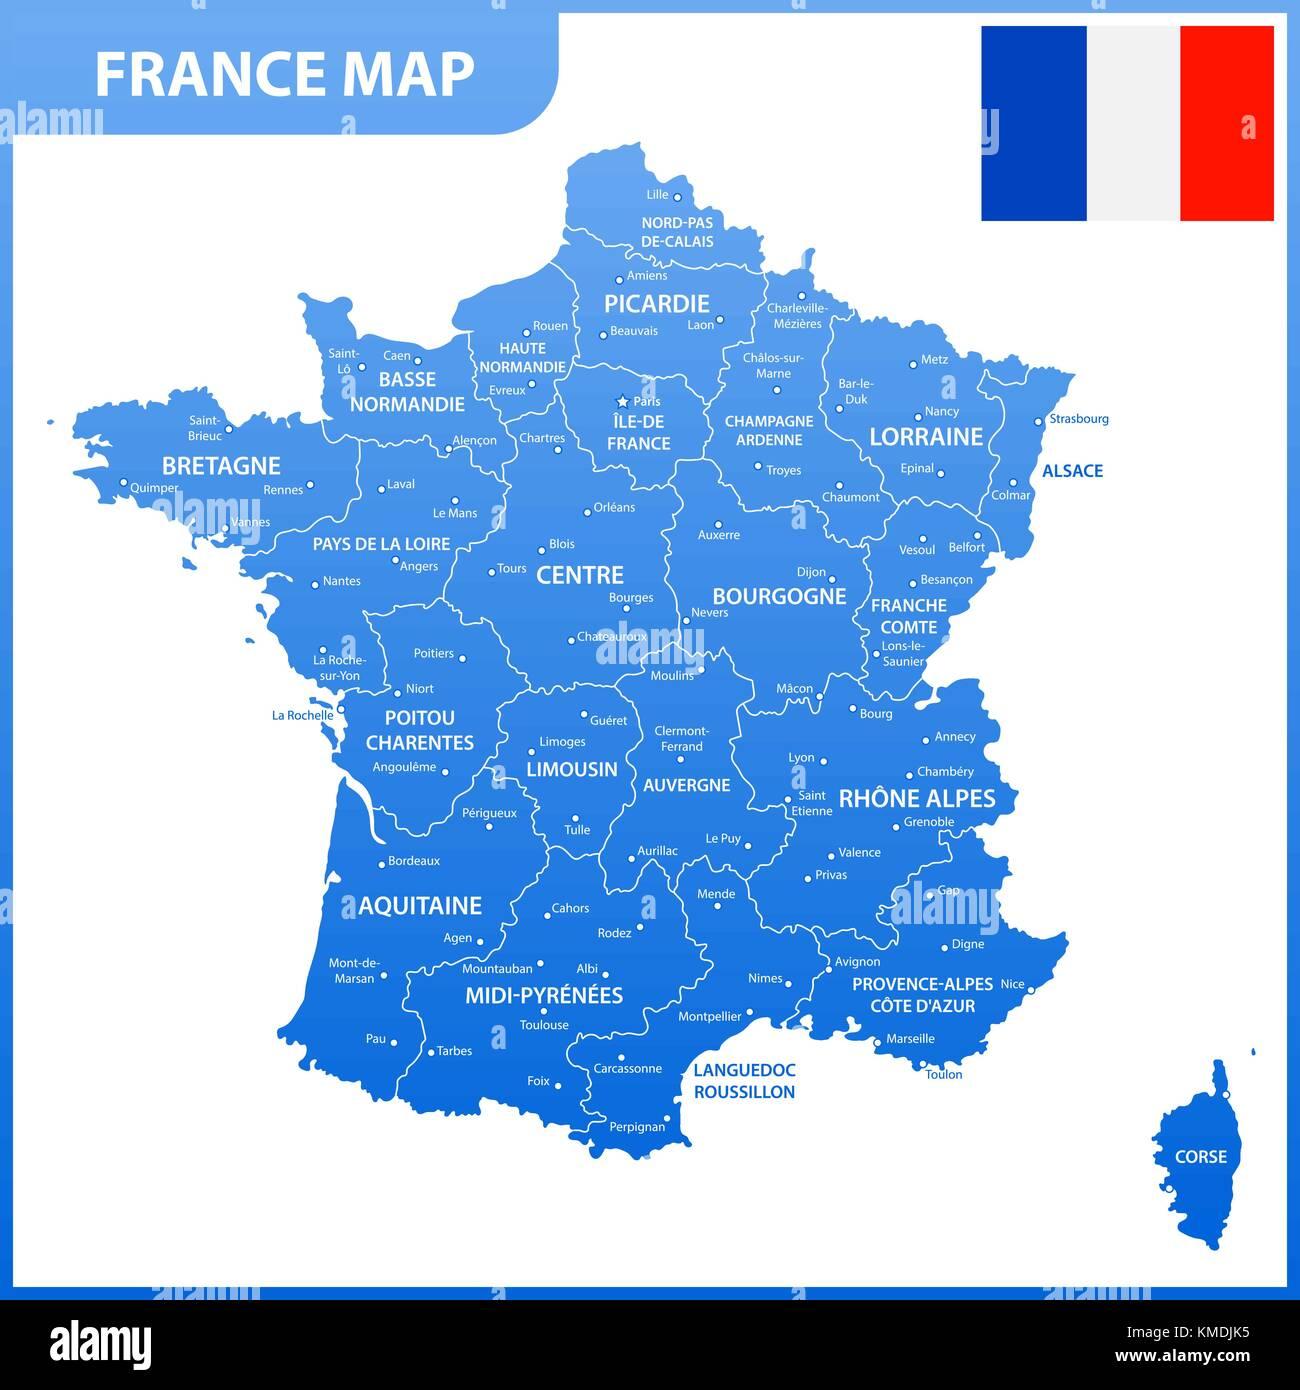 Cartina Francia Tolosa.Parigi Francia Corsica Mappa Atlas Mappa Del Mondo Politico Acqua Nord Immagine E Vettoriale Alamy